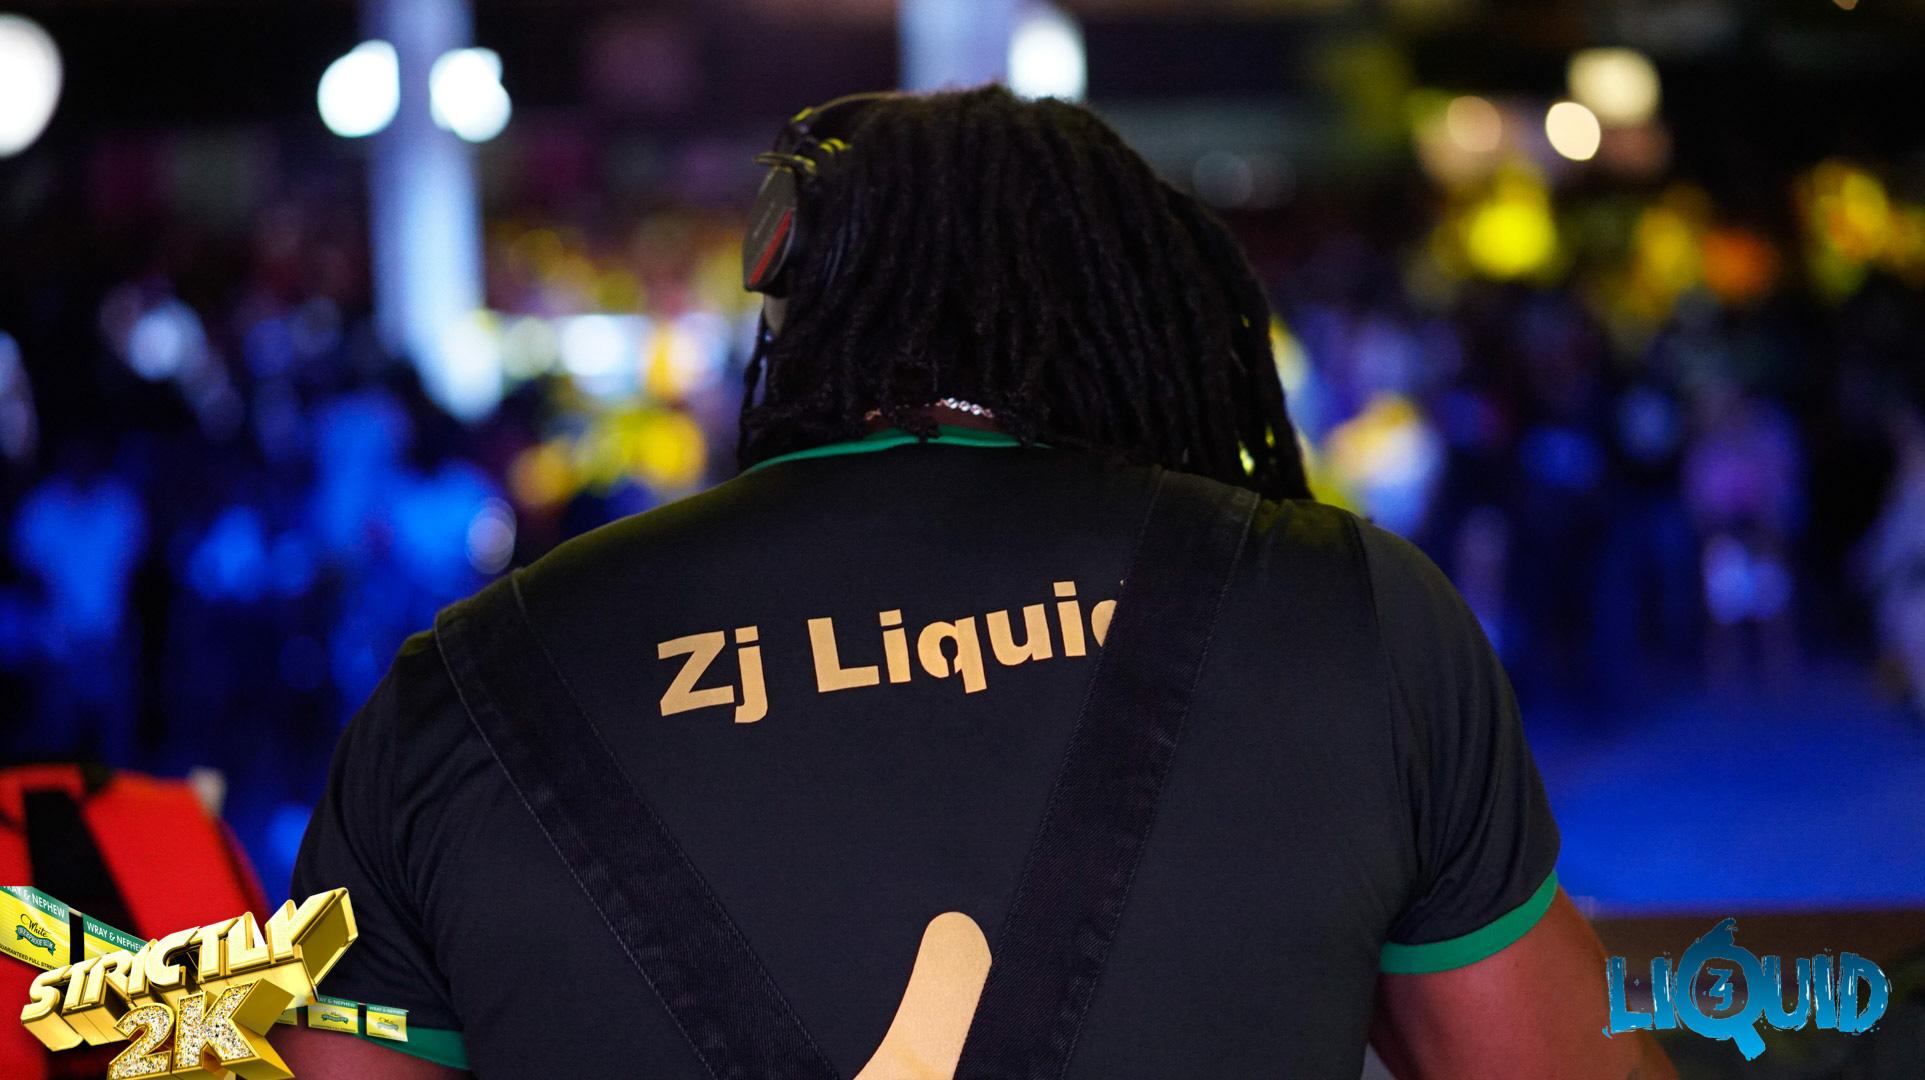 Zj Liquid-16